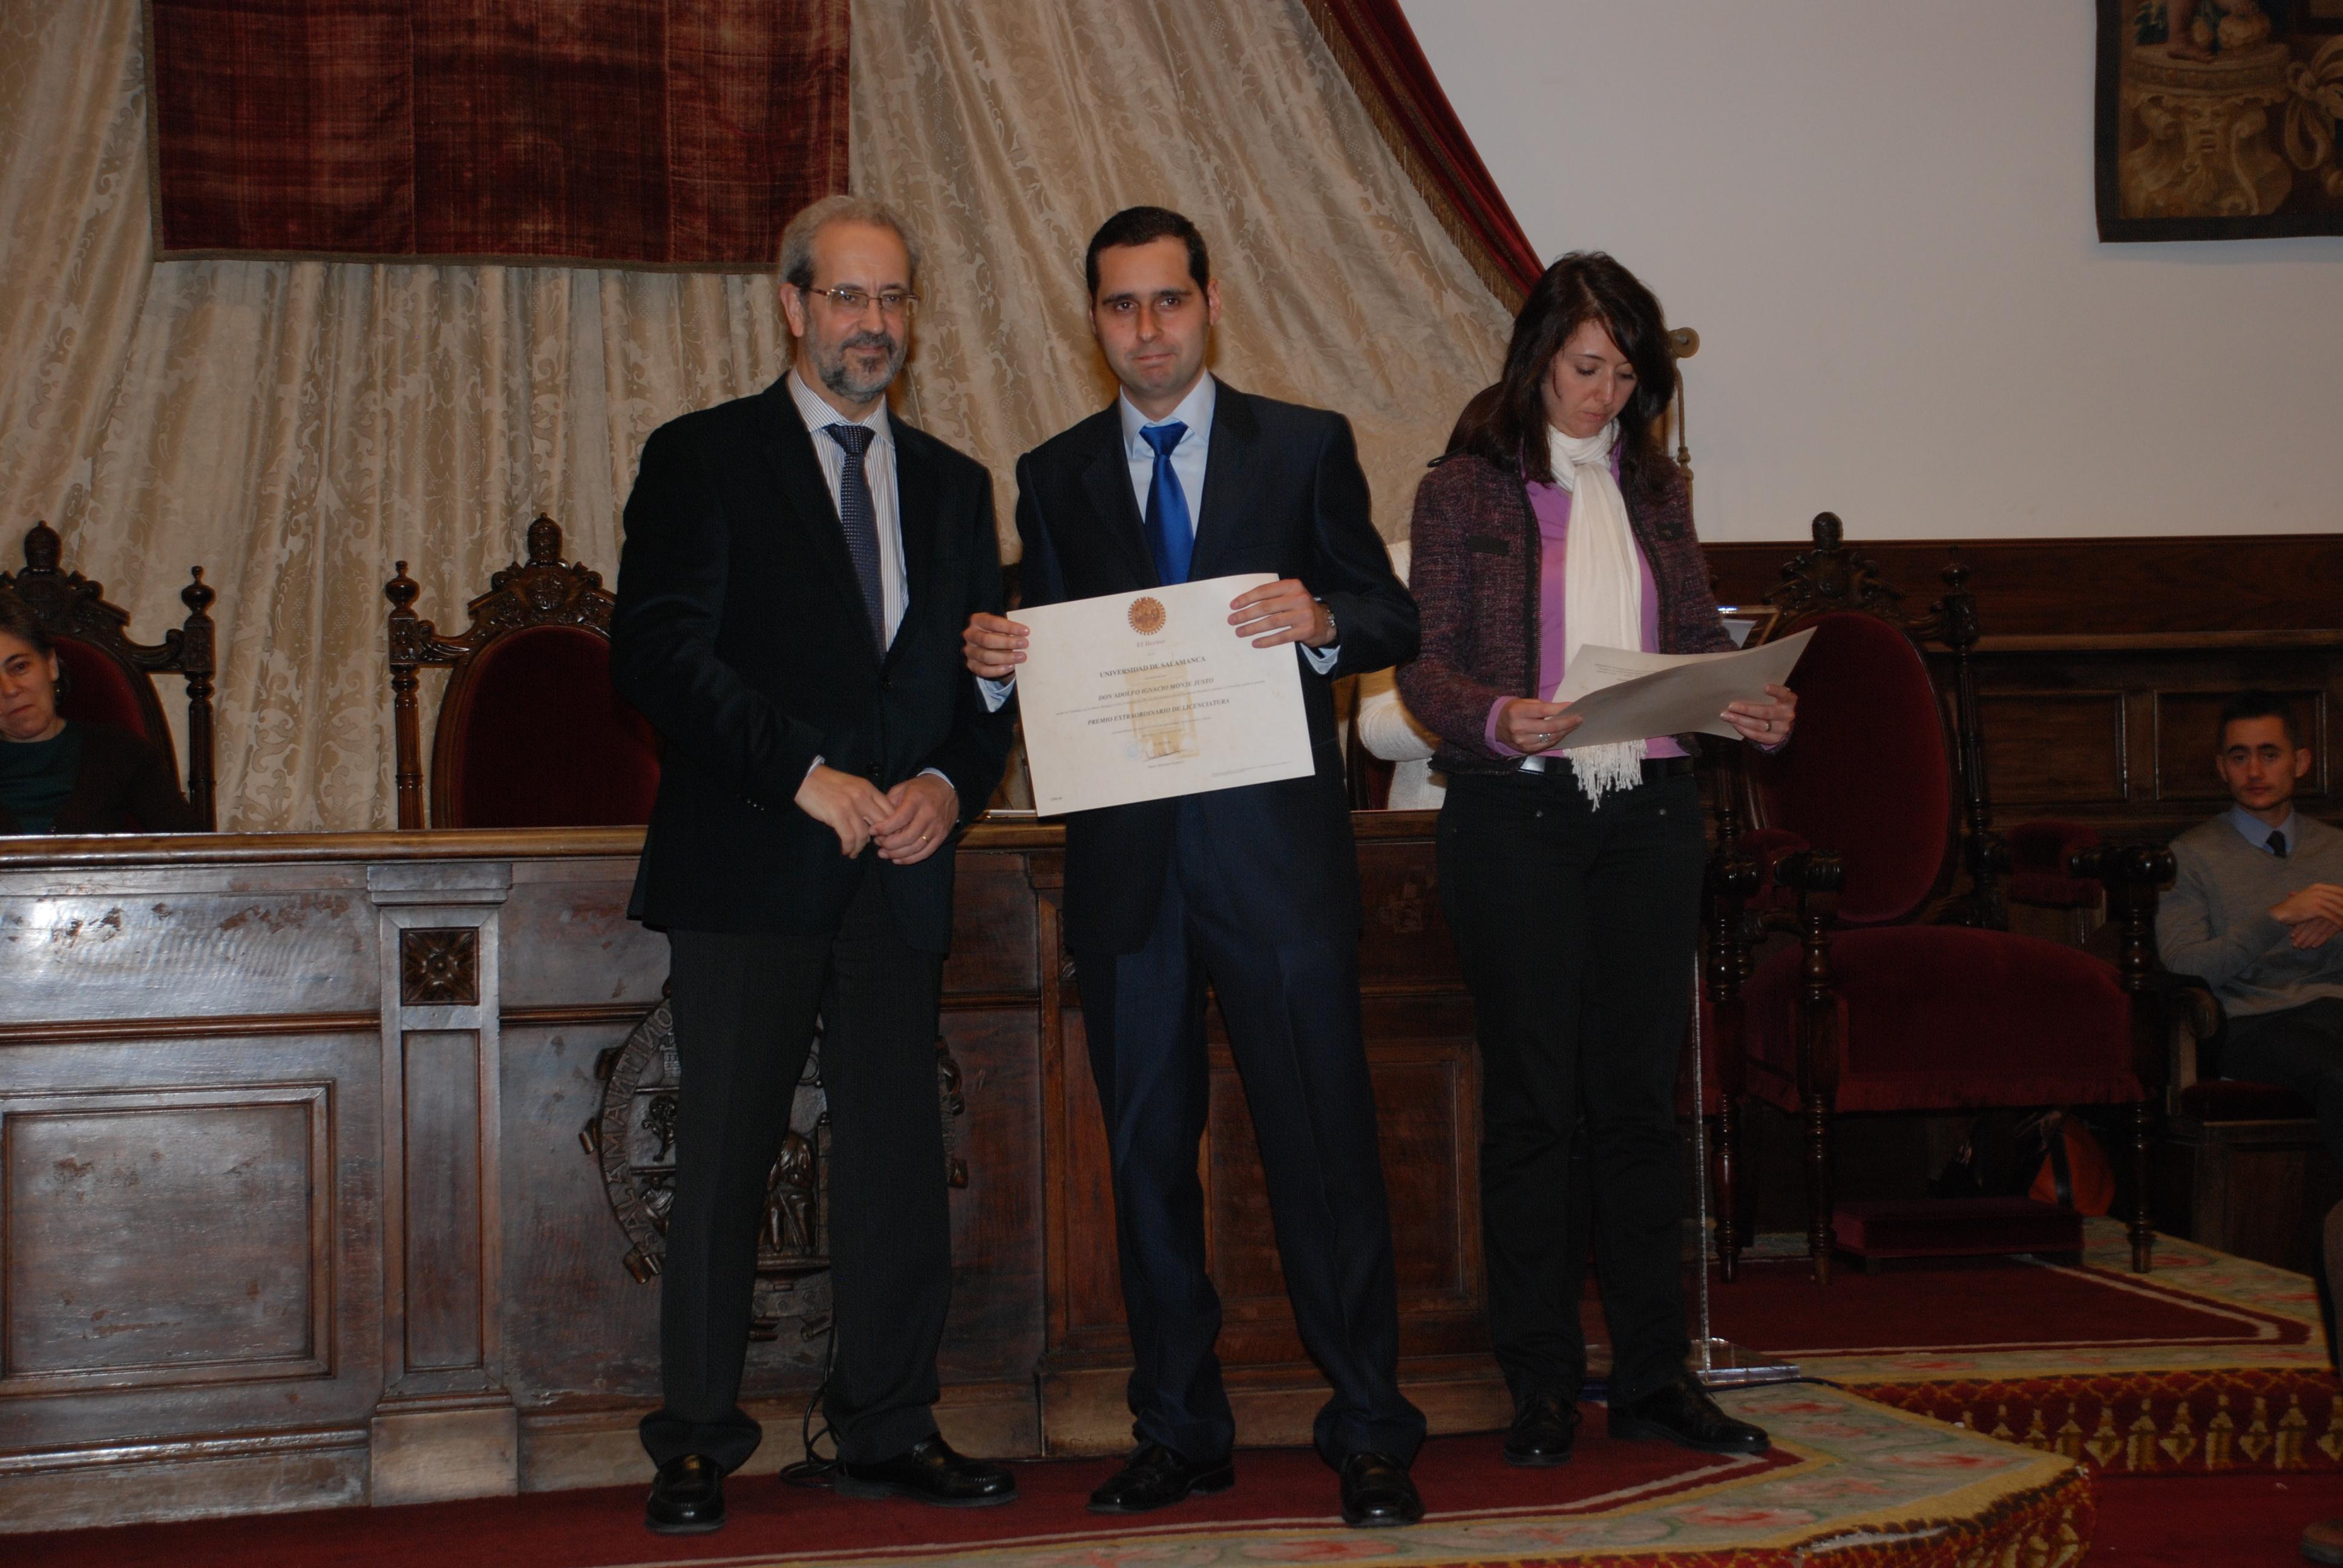 Un centenar de estudiantes recibe los premios extraordinarios de Grado, Grado de Salamanca, Máster y Doctorado de la Universidad de Salamanca